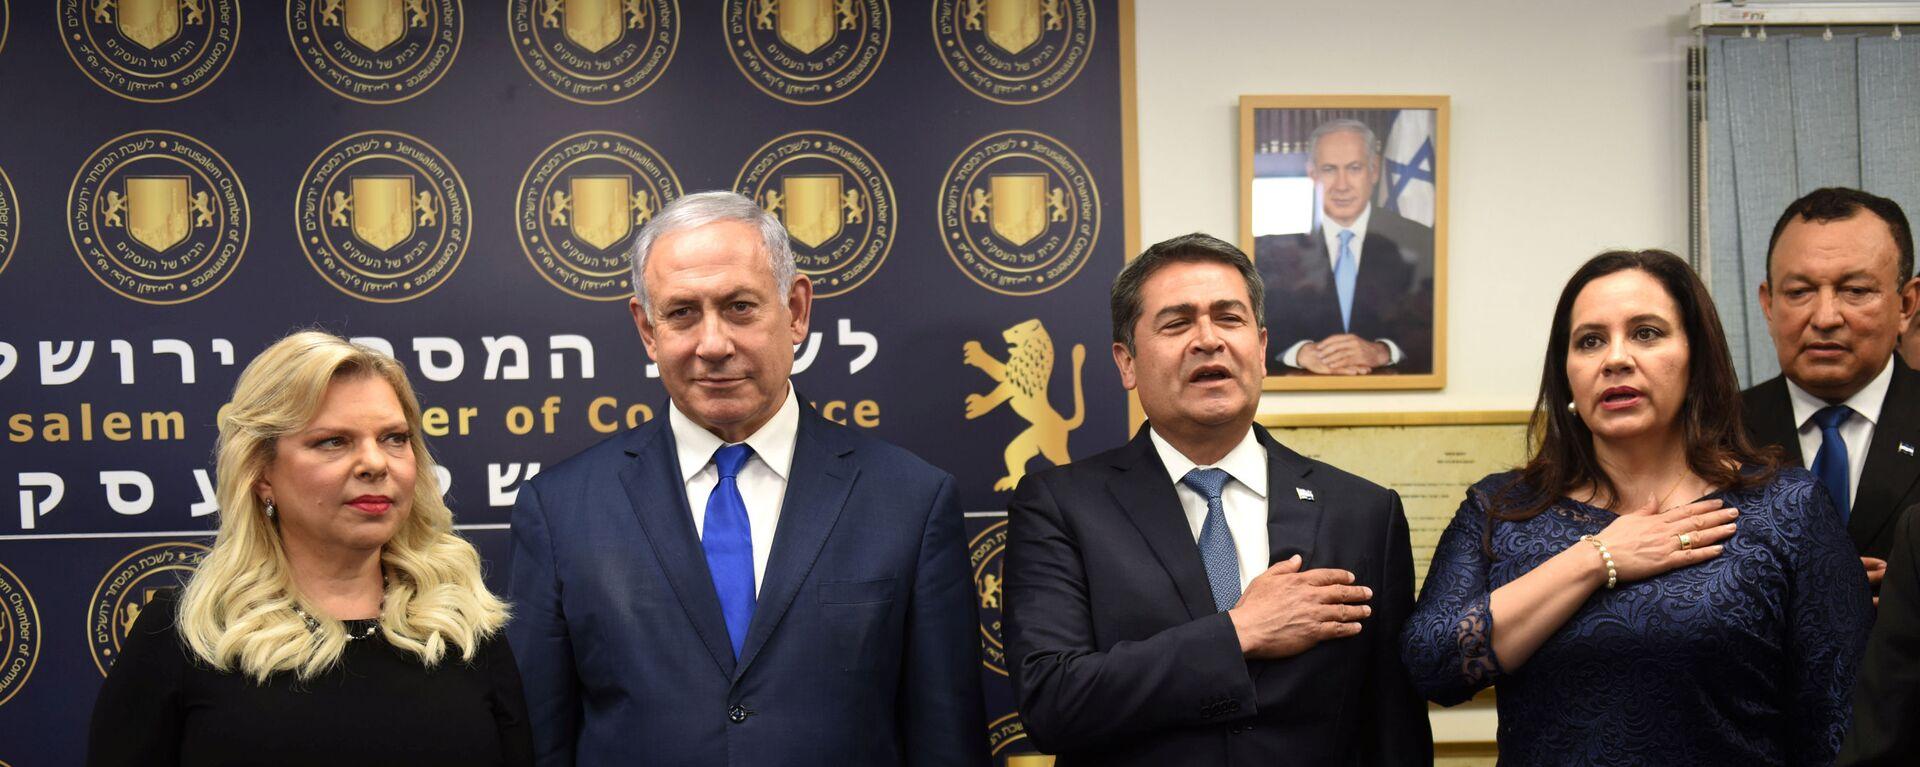 El primer ministro de Israel, Benjamín Netanyahu, y el presidente de Honduras, Juan Orlando Hernández, junto a sus mujeres - Sputnik Mundo, 1920, 01.09.2019